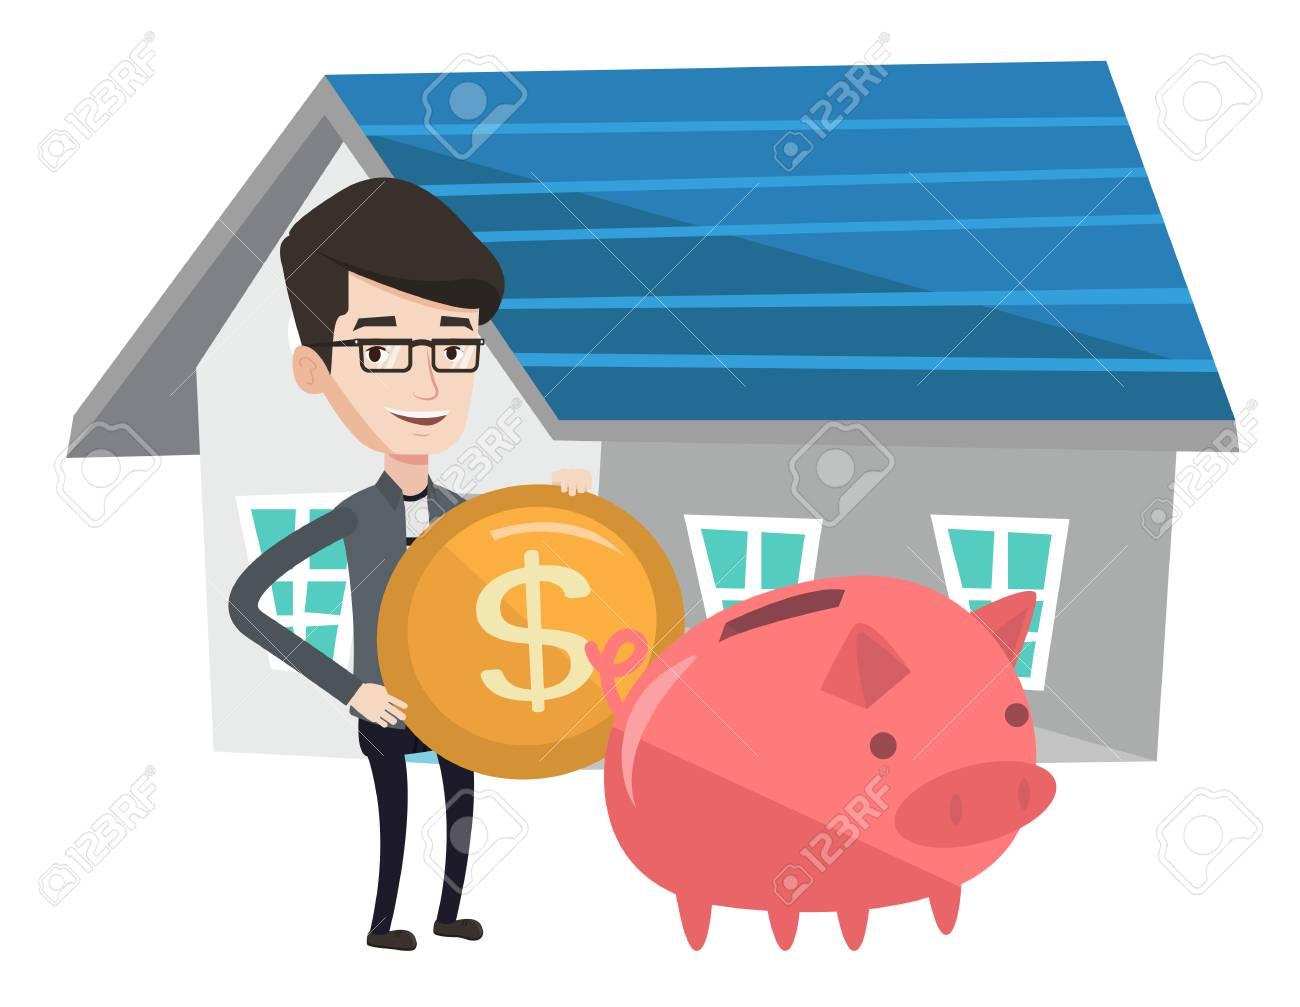 investir dans l'immobilier jeune